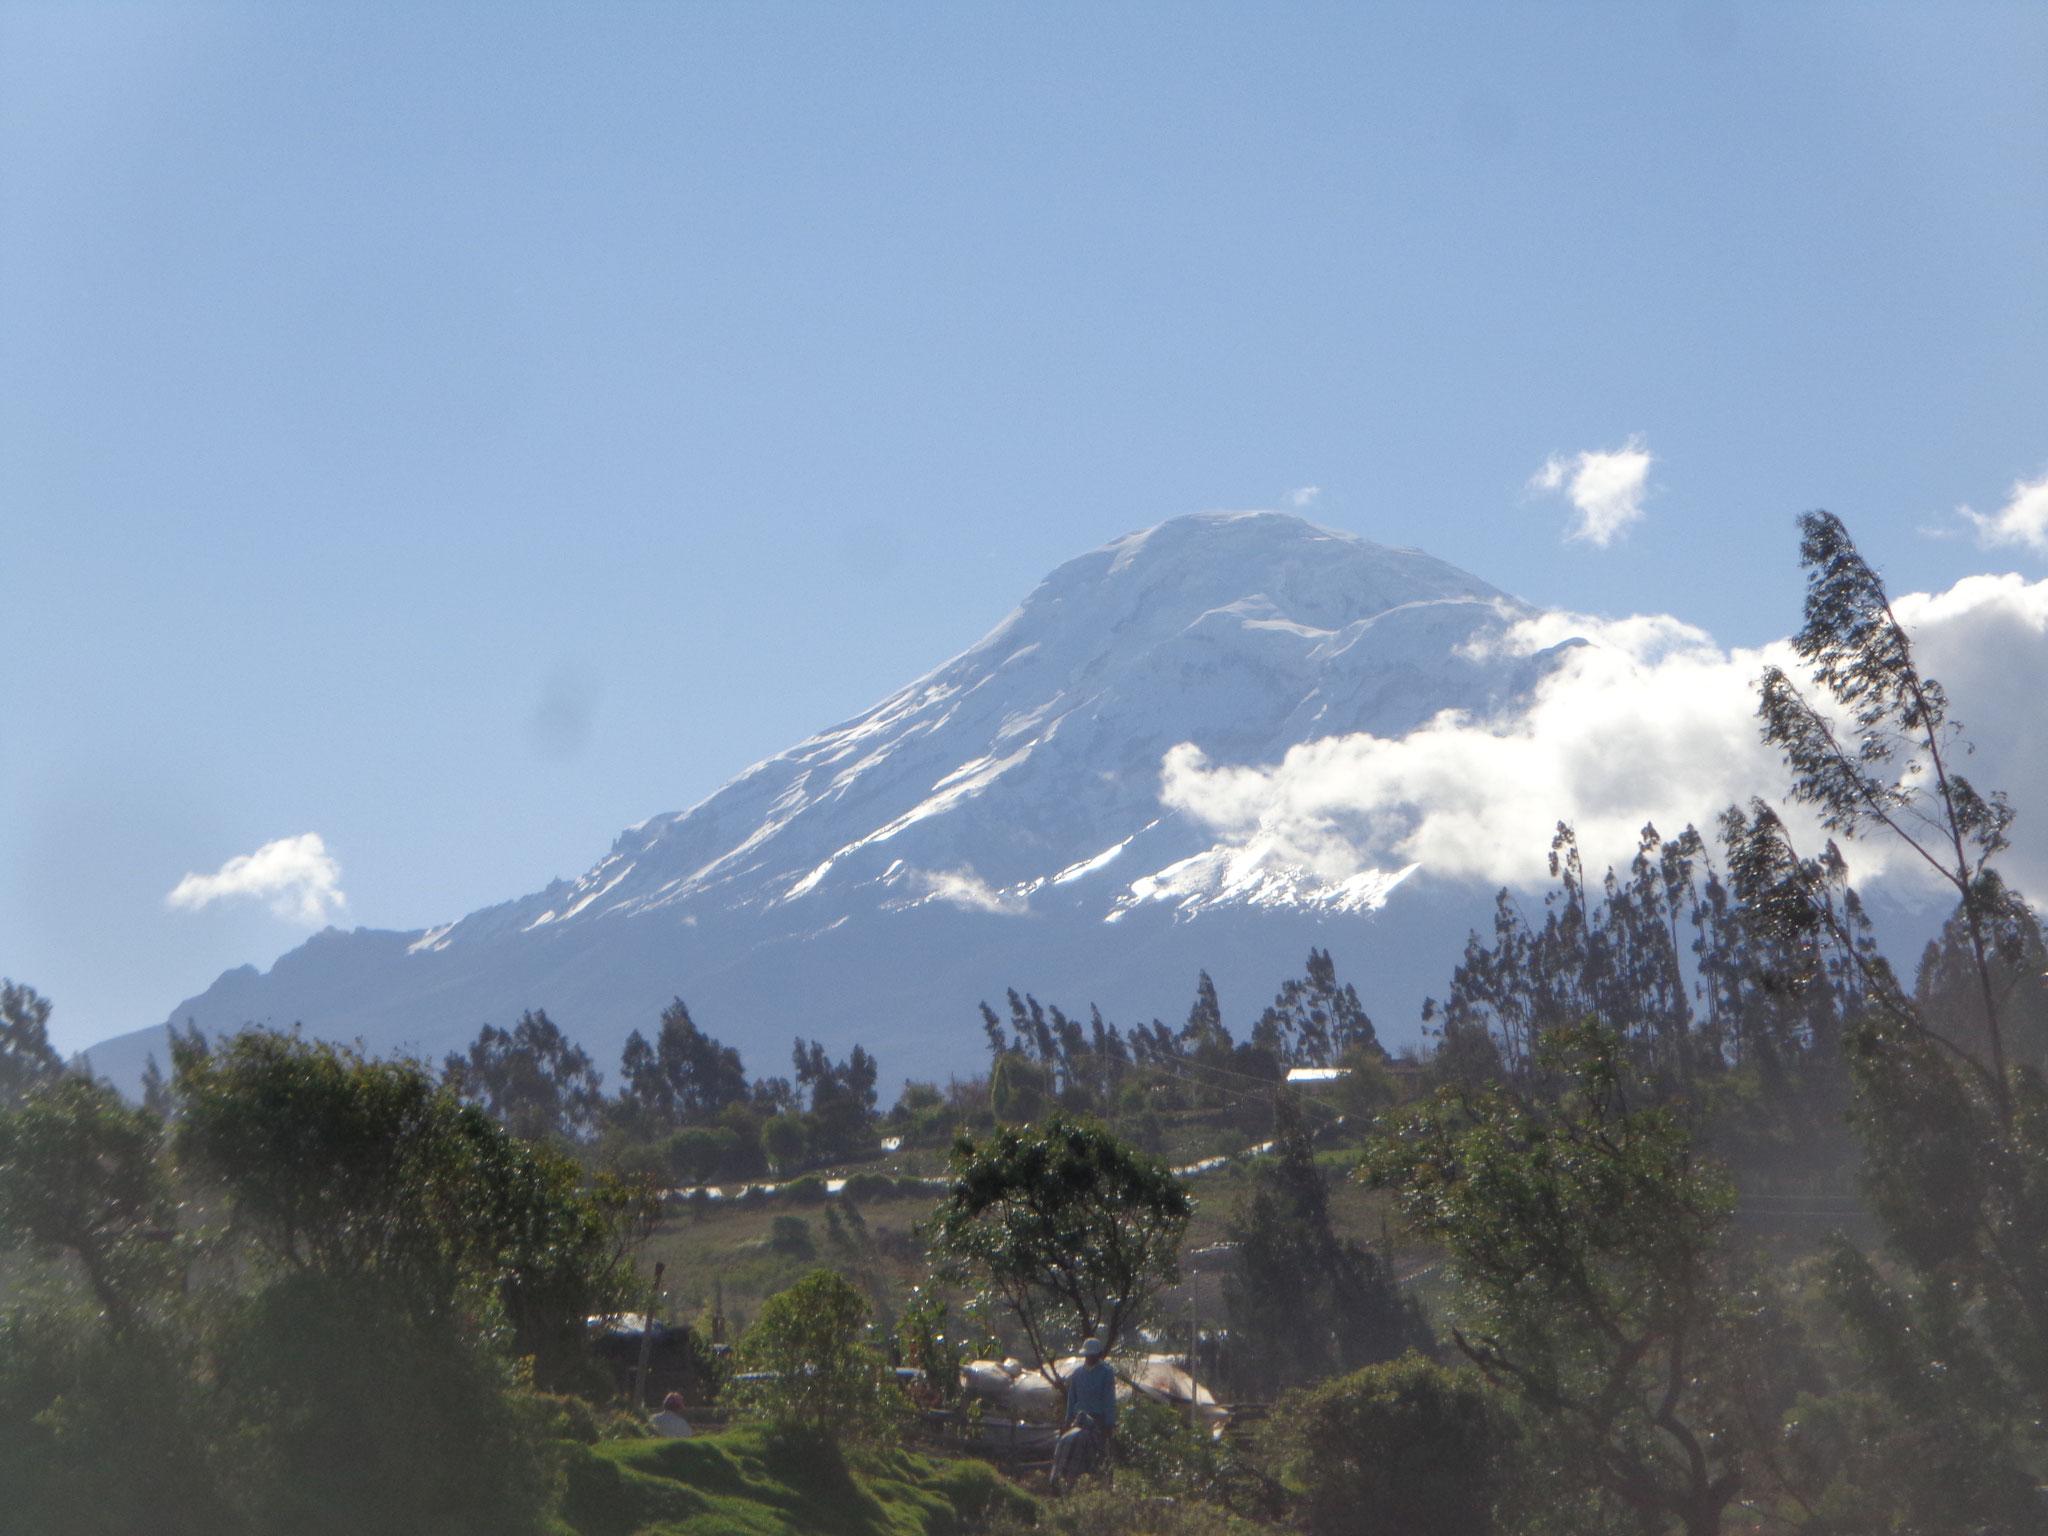 Un autre volcan, le Chimborazo